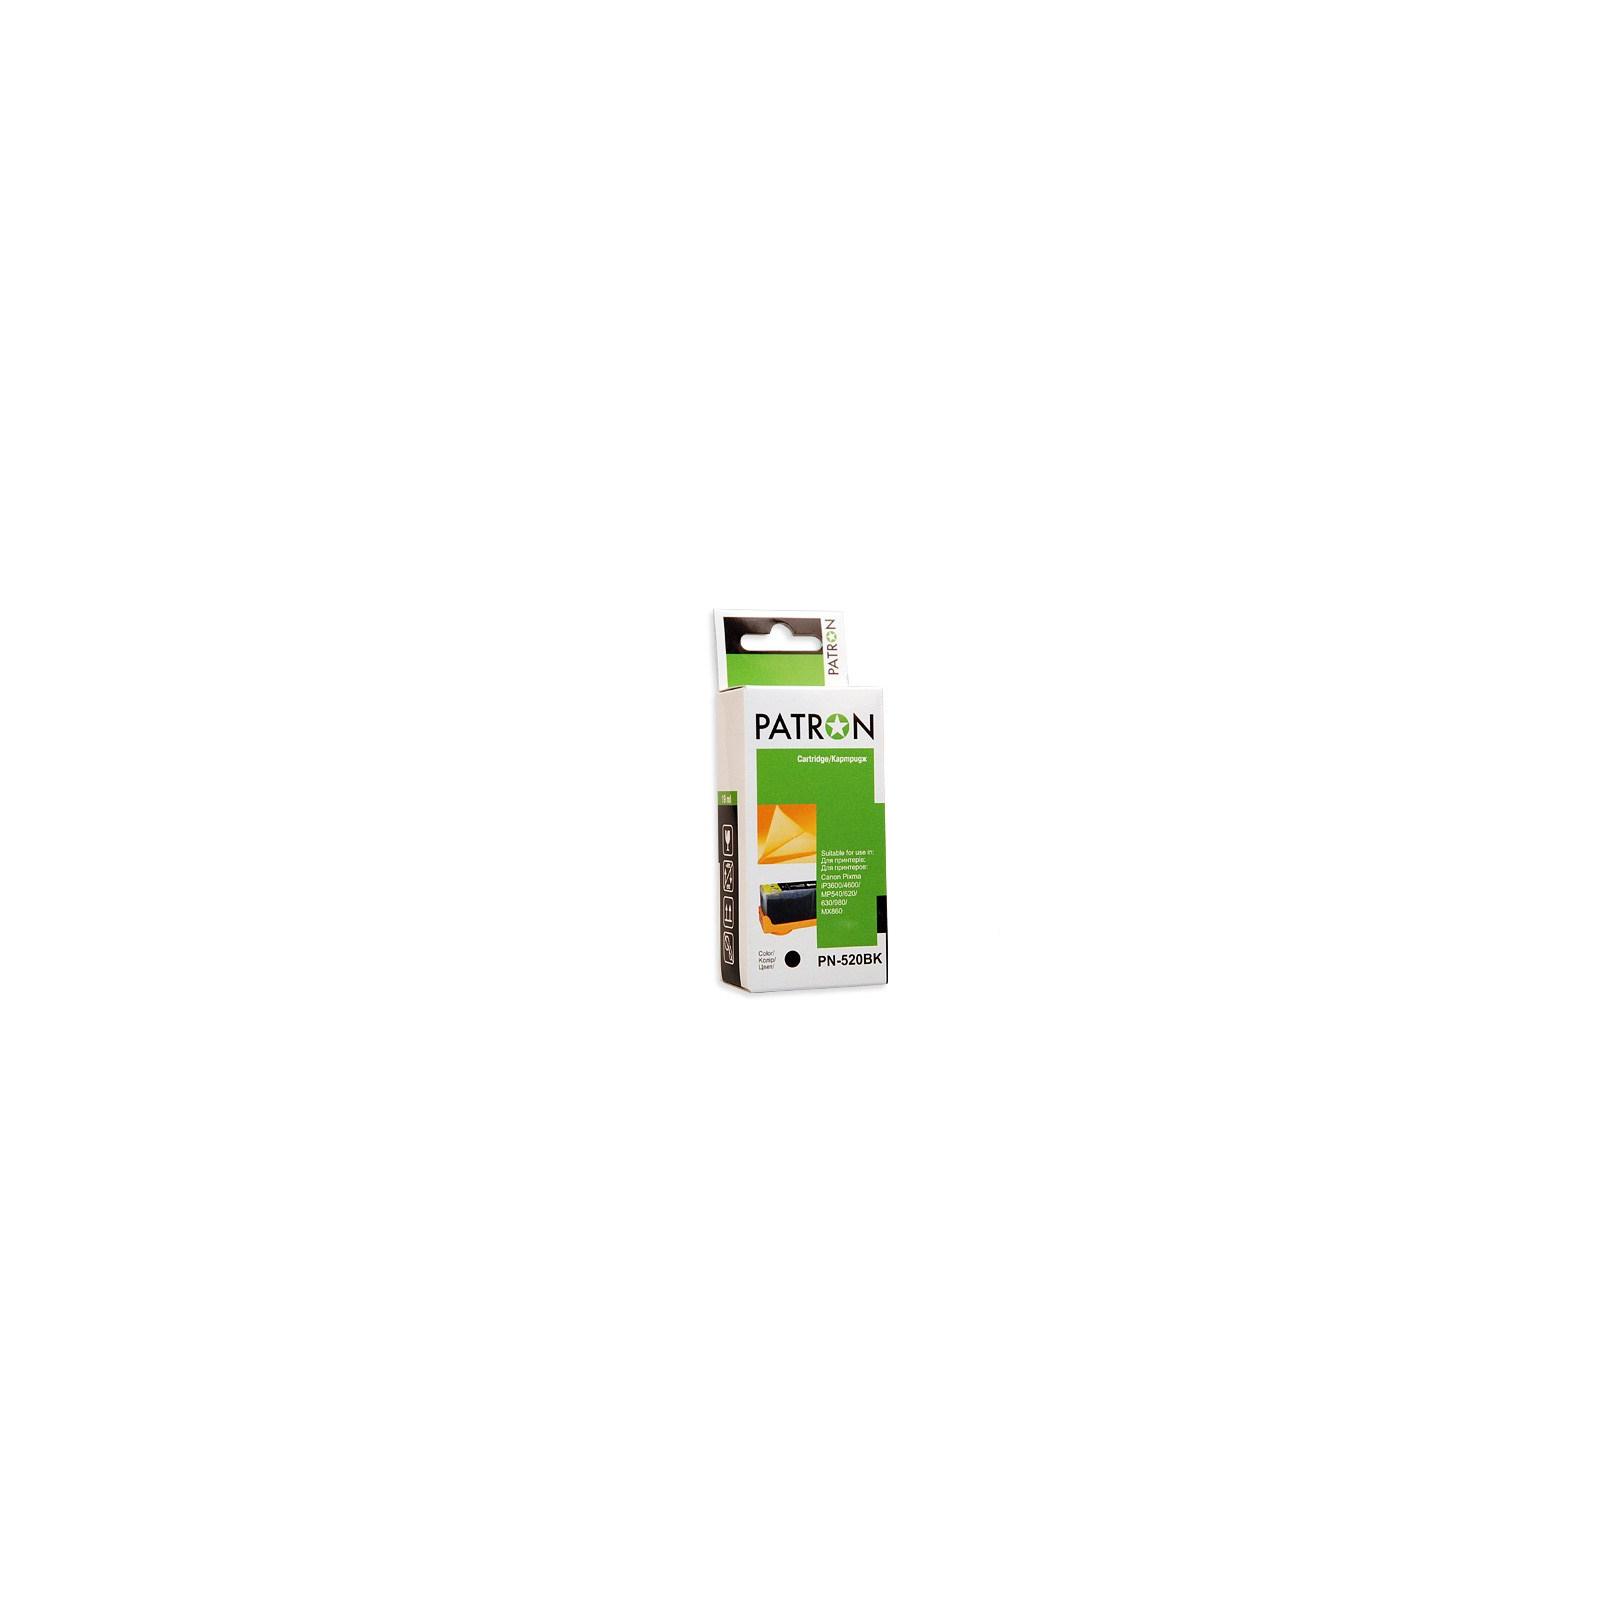 Картридж PATRON CANON PGI-520 (PN-520BK) (CI-CAN-PGI-520-B-PN)